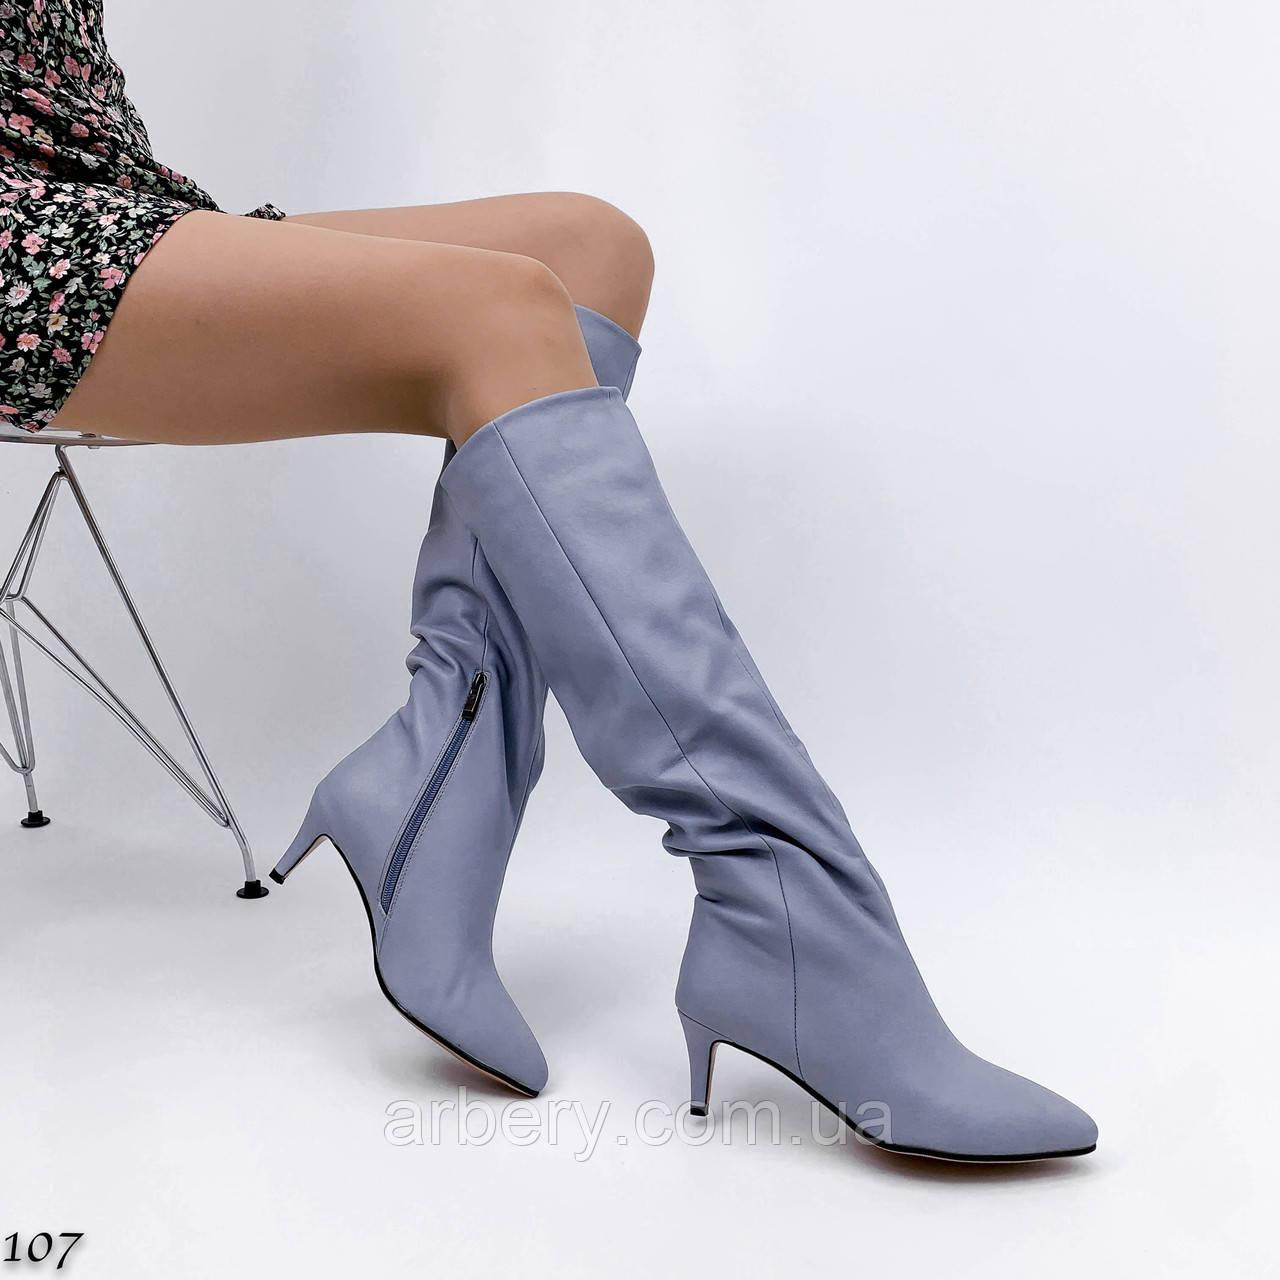 Женские классические сапожки на низком каблуке